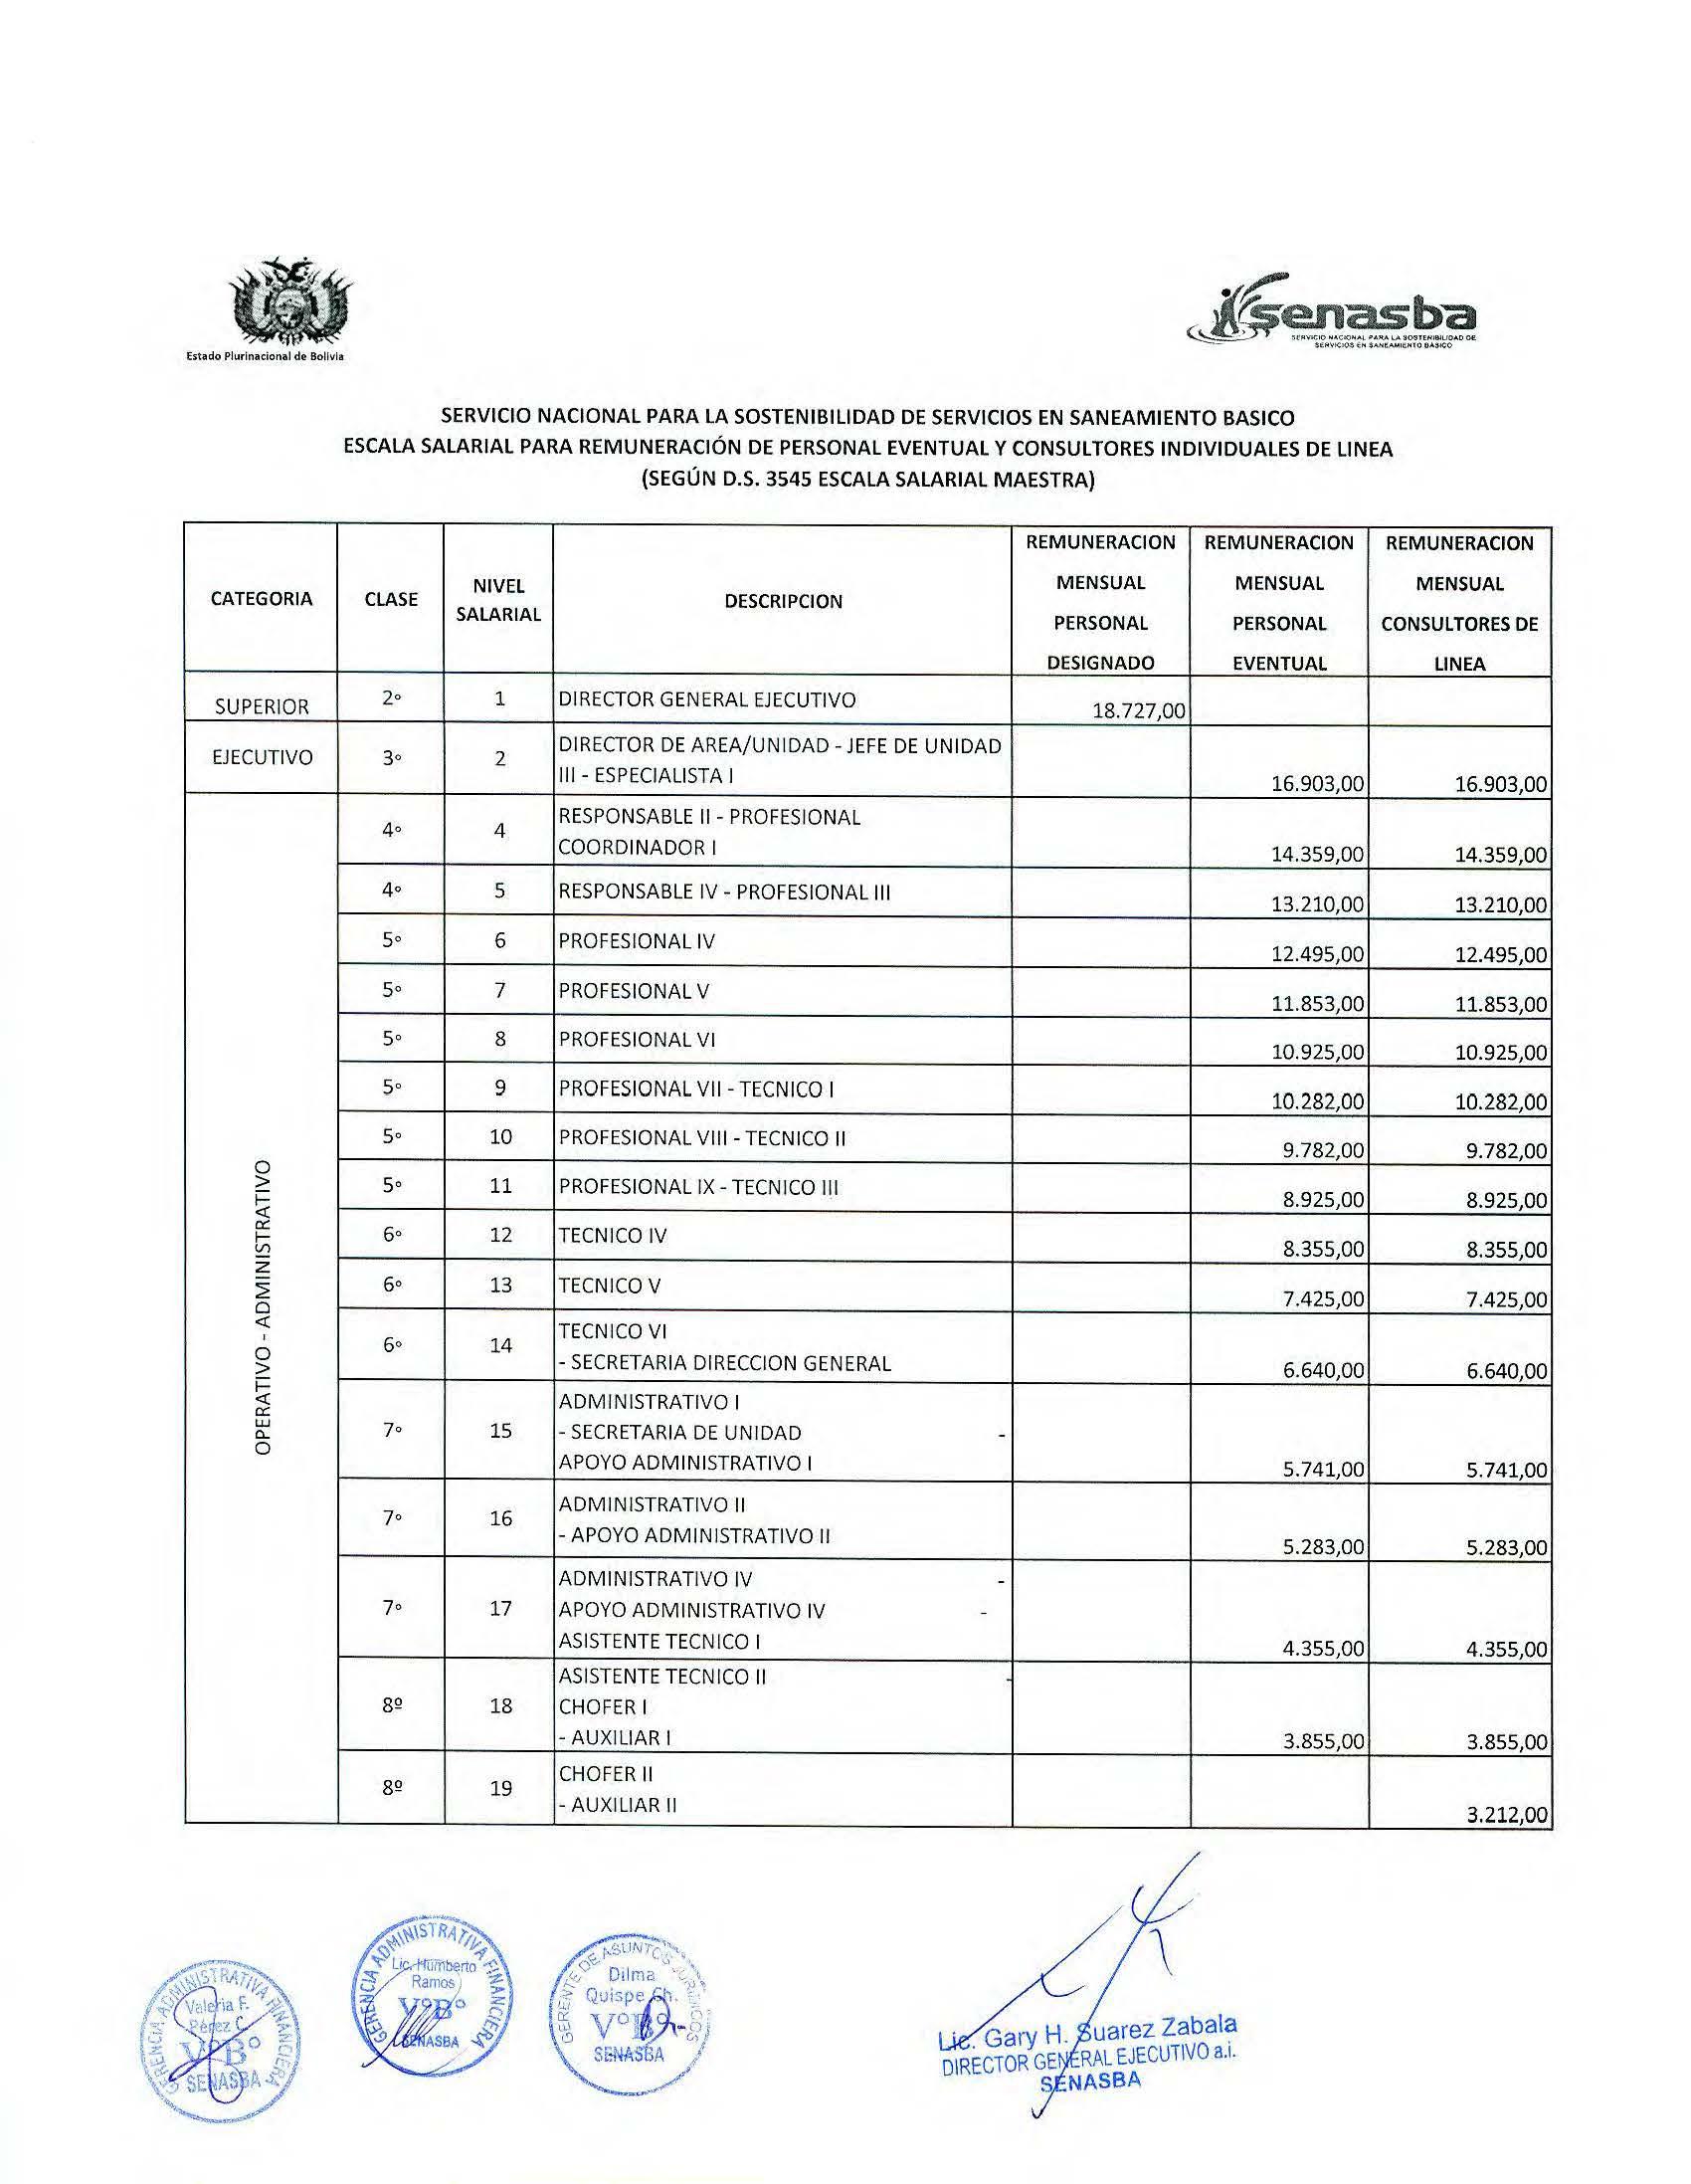 Escala Salarial Servicio Nacional para la Sostenibilidad de Servicios en Saneamiento Basico